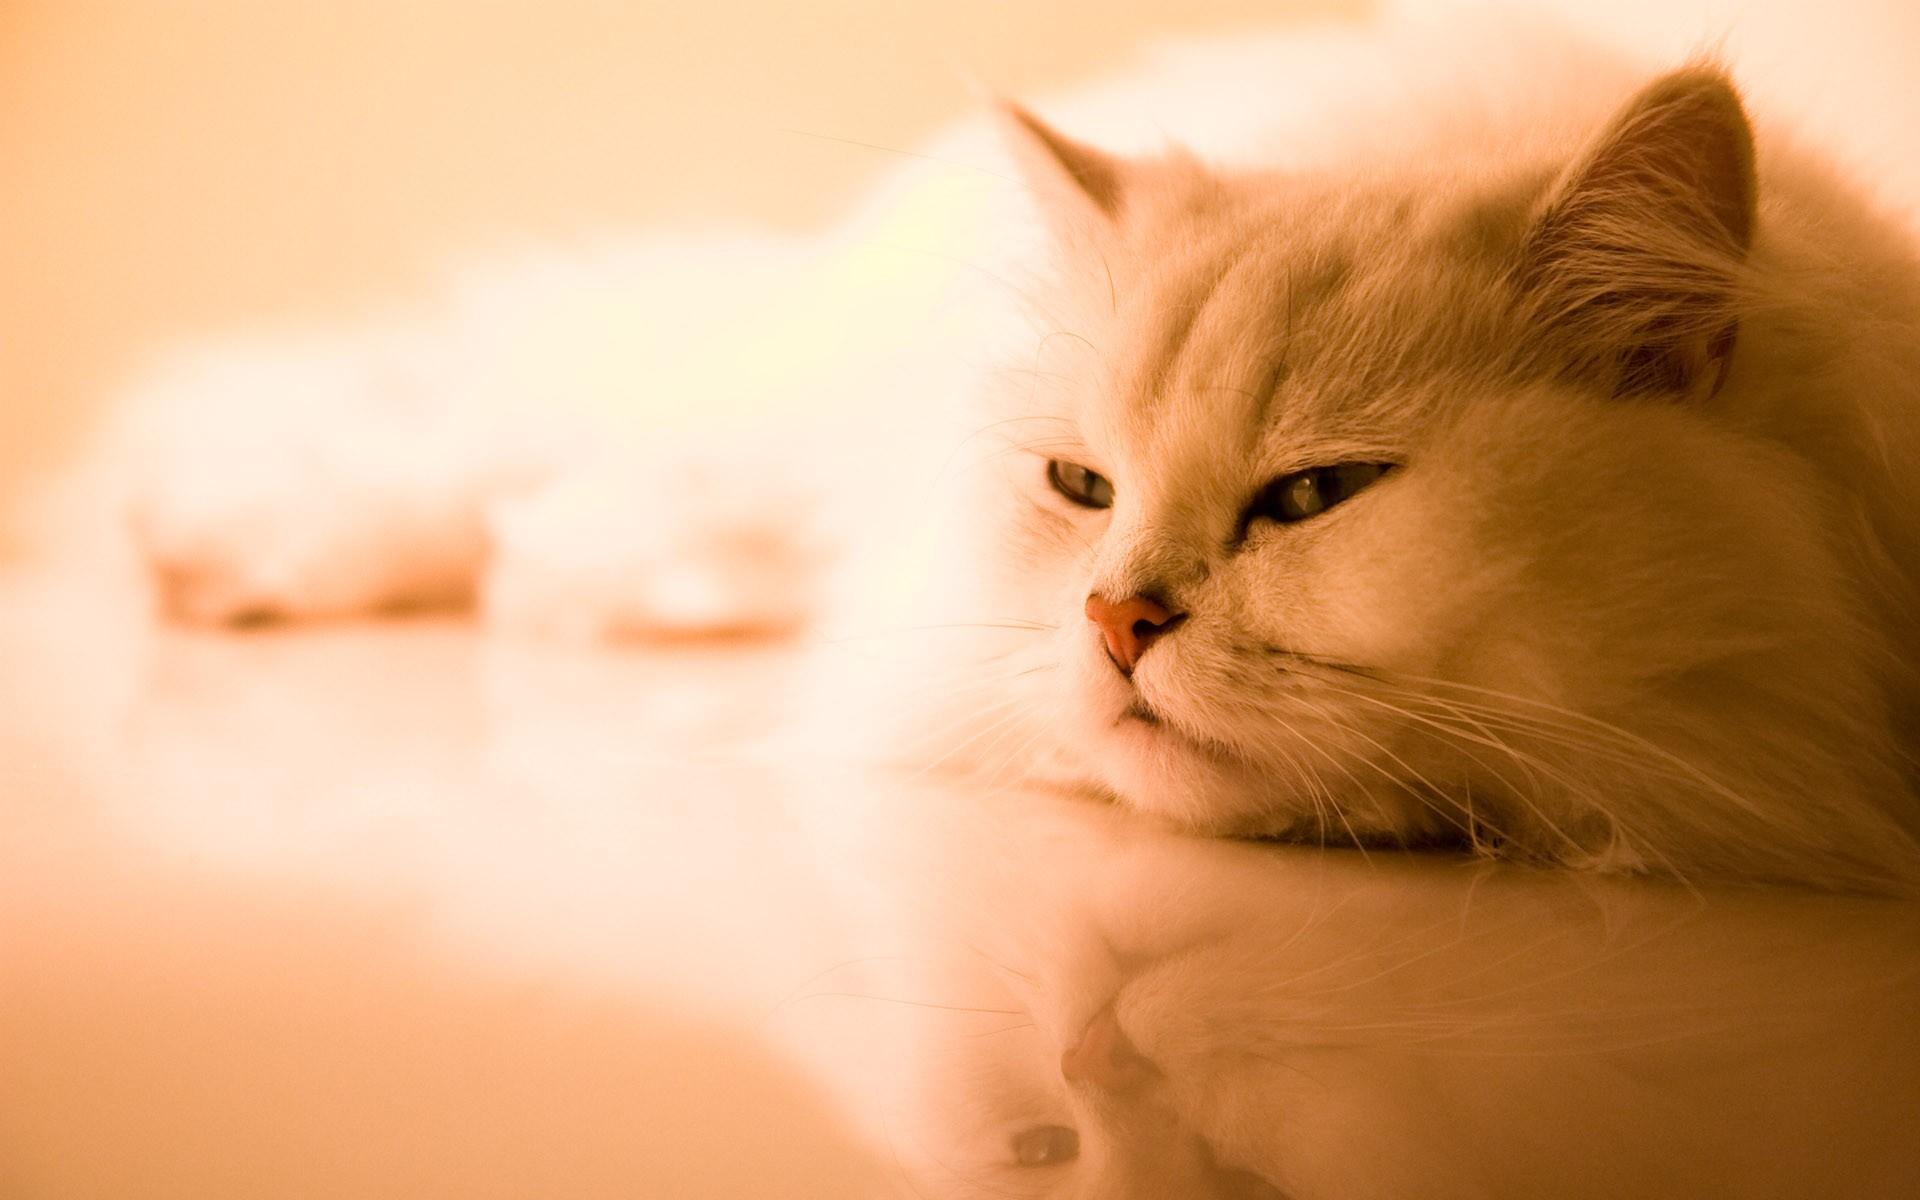 Широкоформатные обои кошки на рабочий стол высокого качества бесплатно